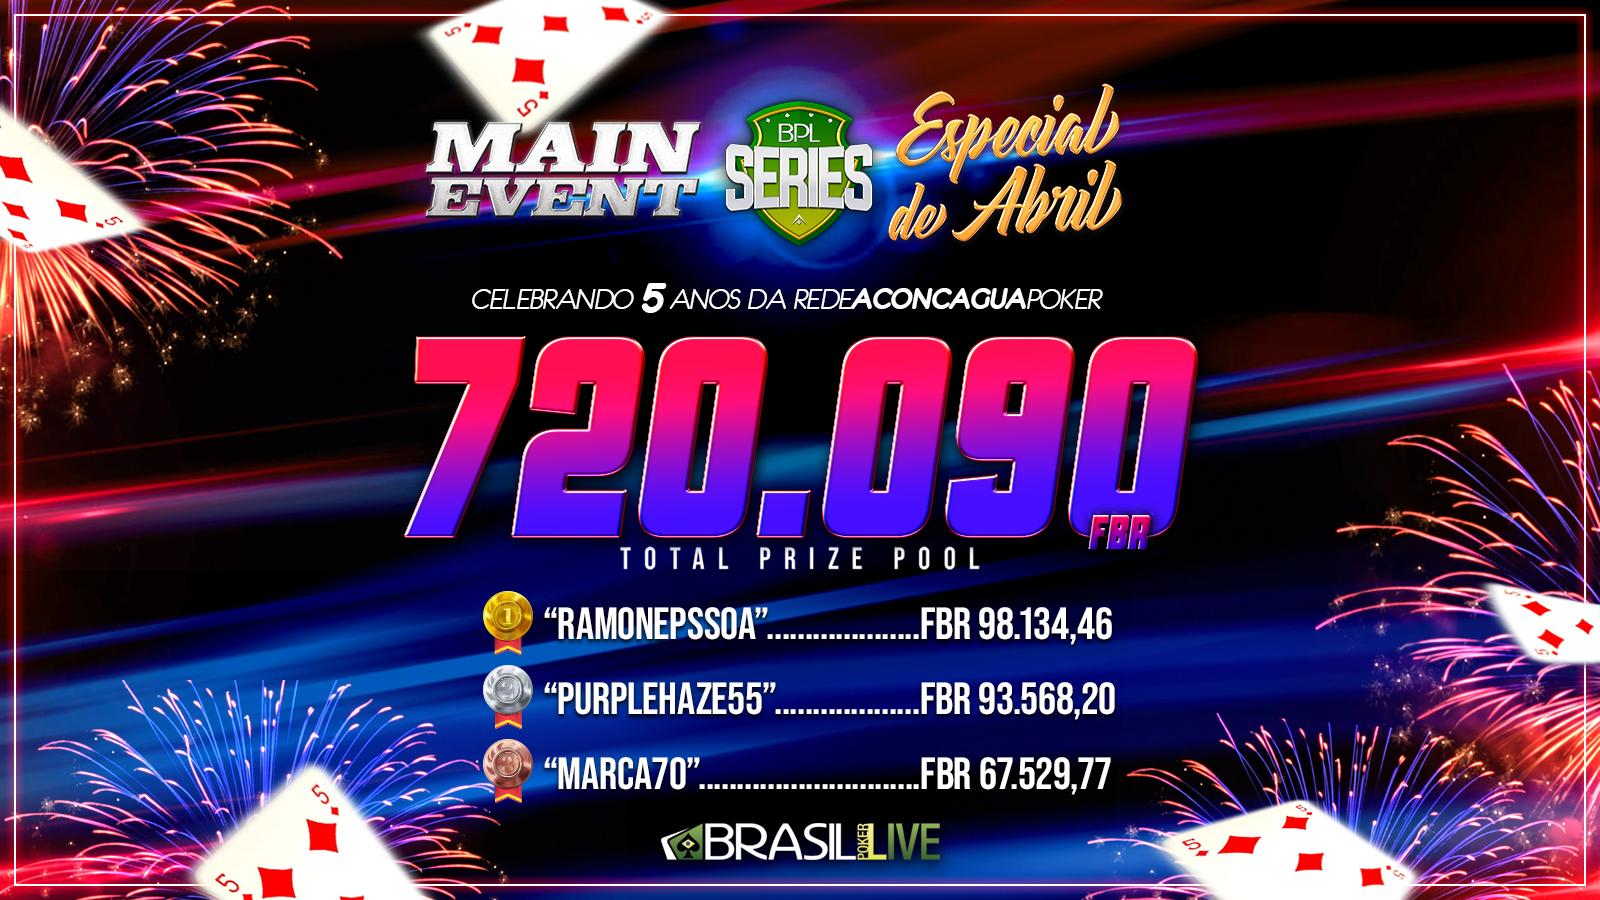 Especial de Abril do Brasil Poker Live distribuiu mais de R$ 700 mil em prêmios